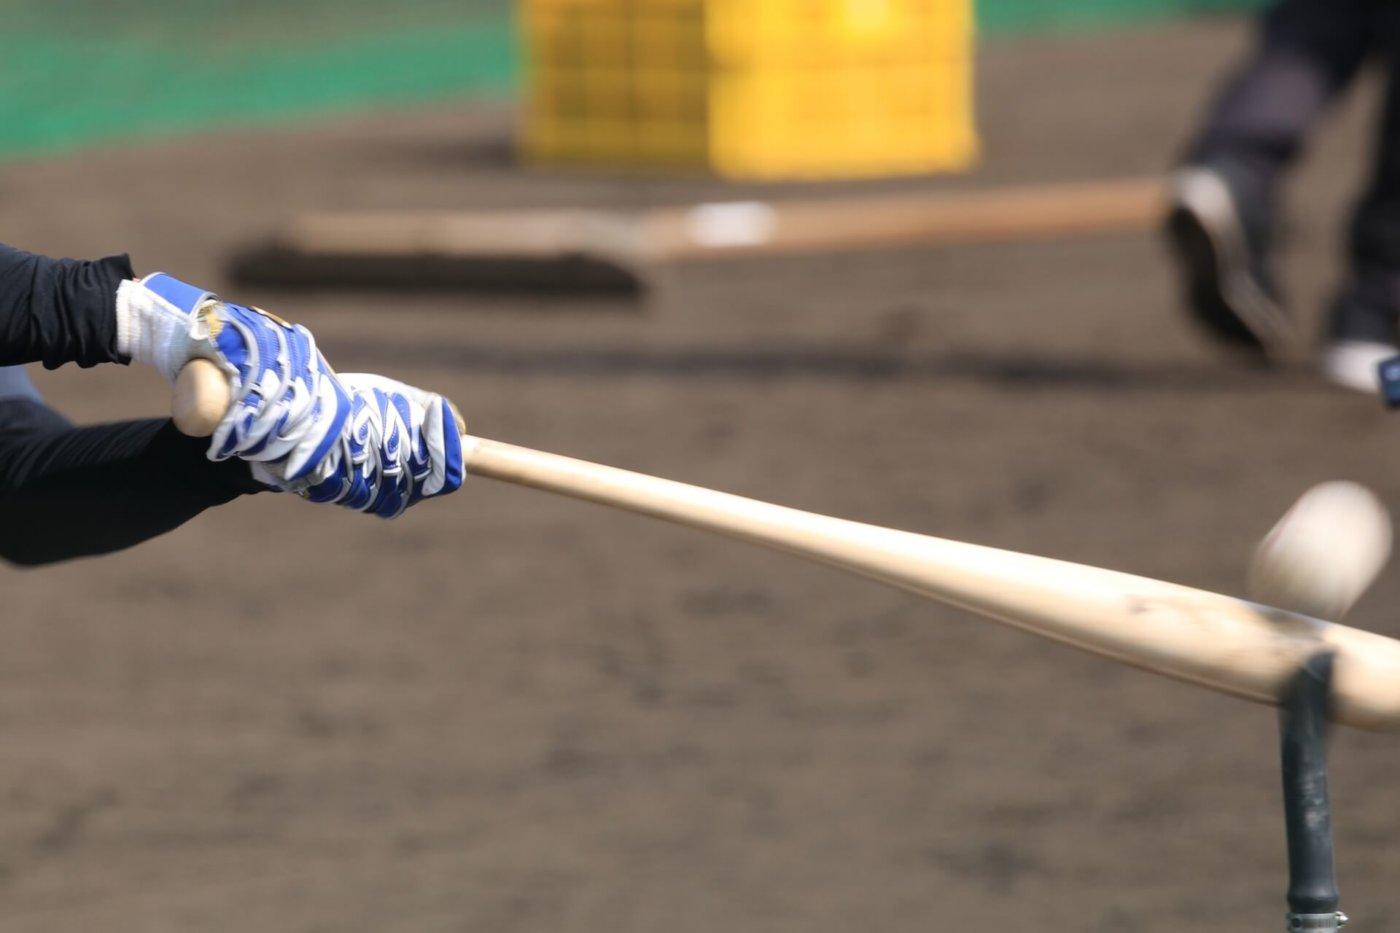 ソフトボールと野球の打ち方の違いは?しっかりポイントを抑えてソフトボールを楽しもう